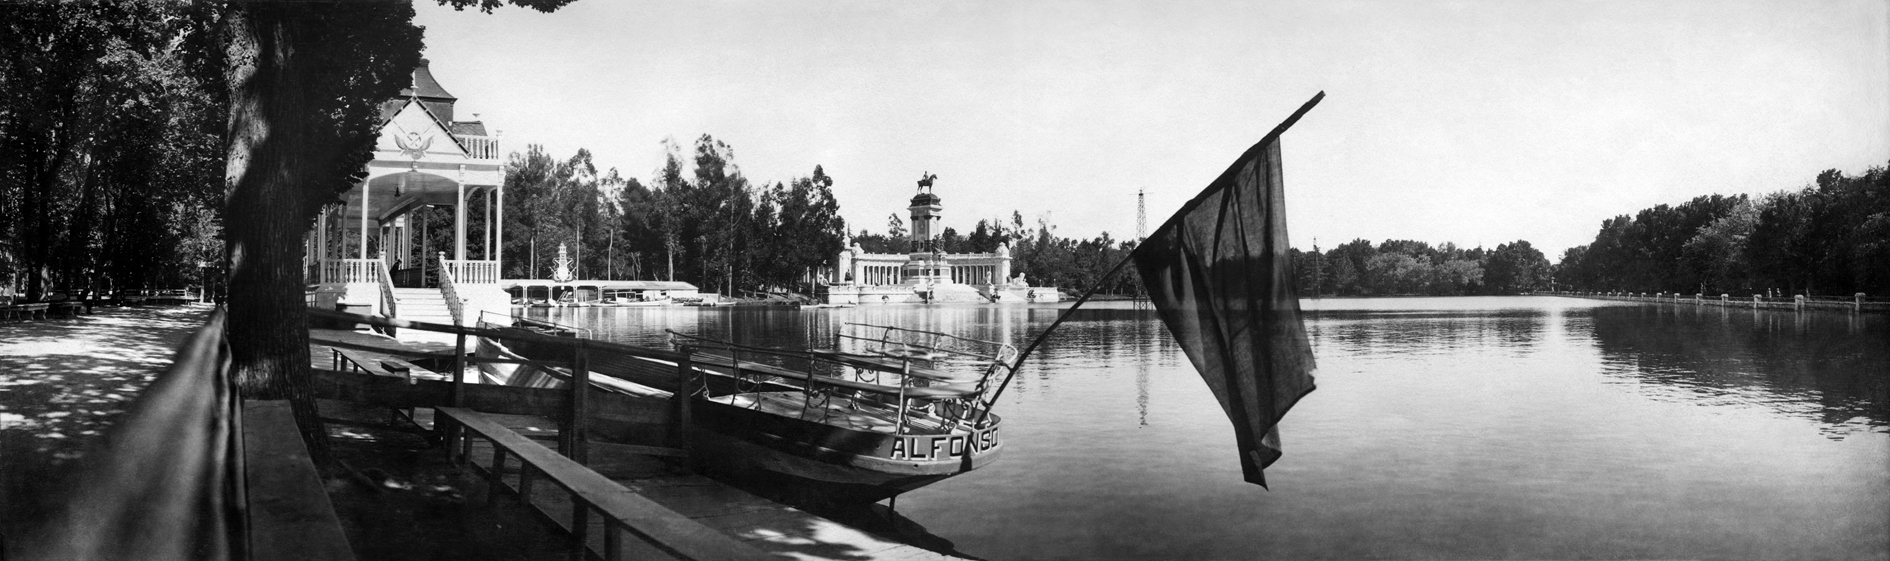 Madrid. Estanque del Retiro. 1919-1930. Archivo Regueira. Filmoteca de Castilla y León. ©Derechos reservados.